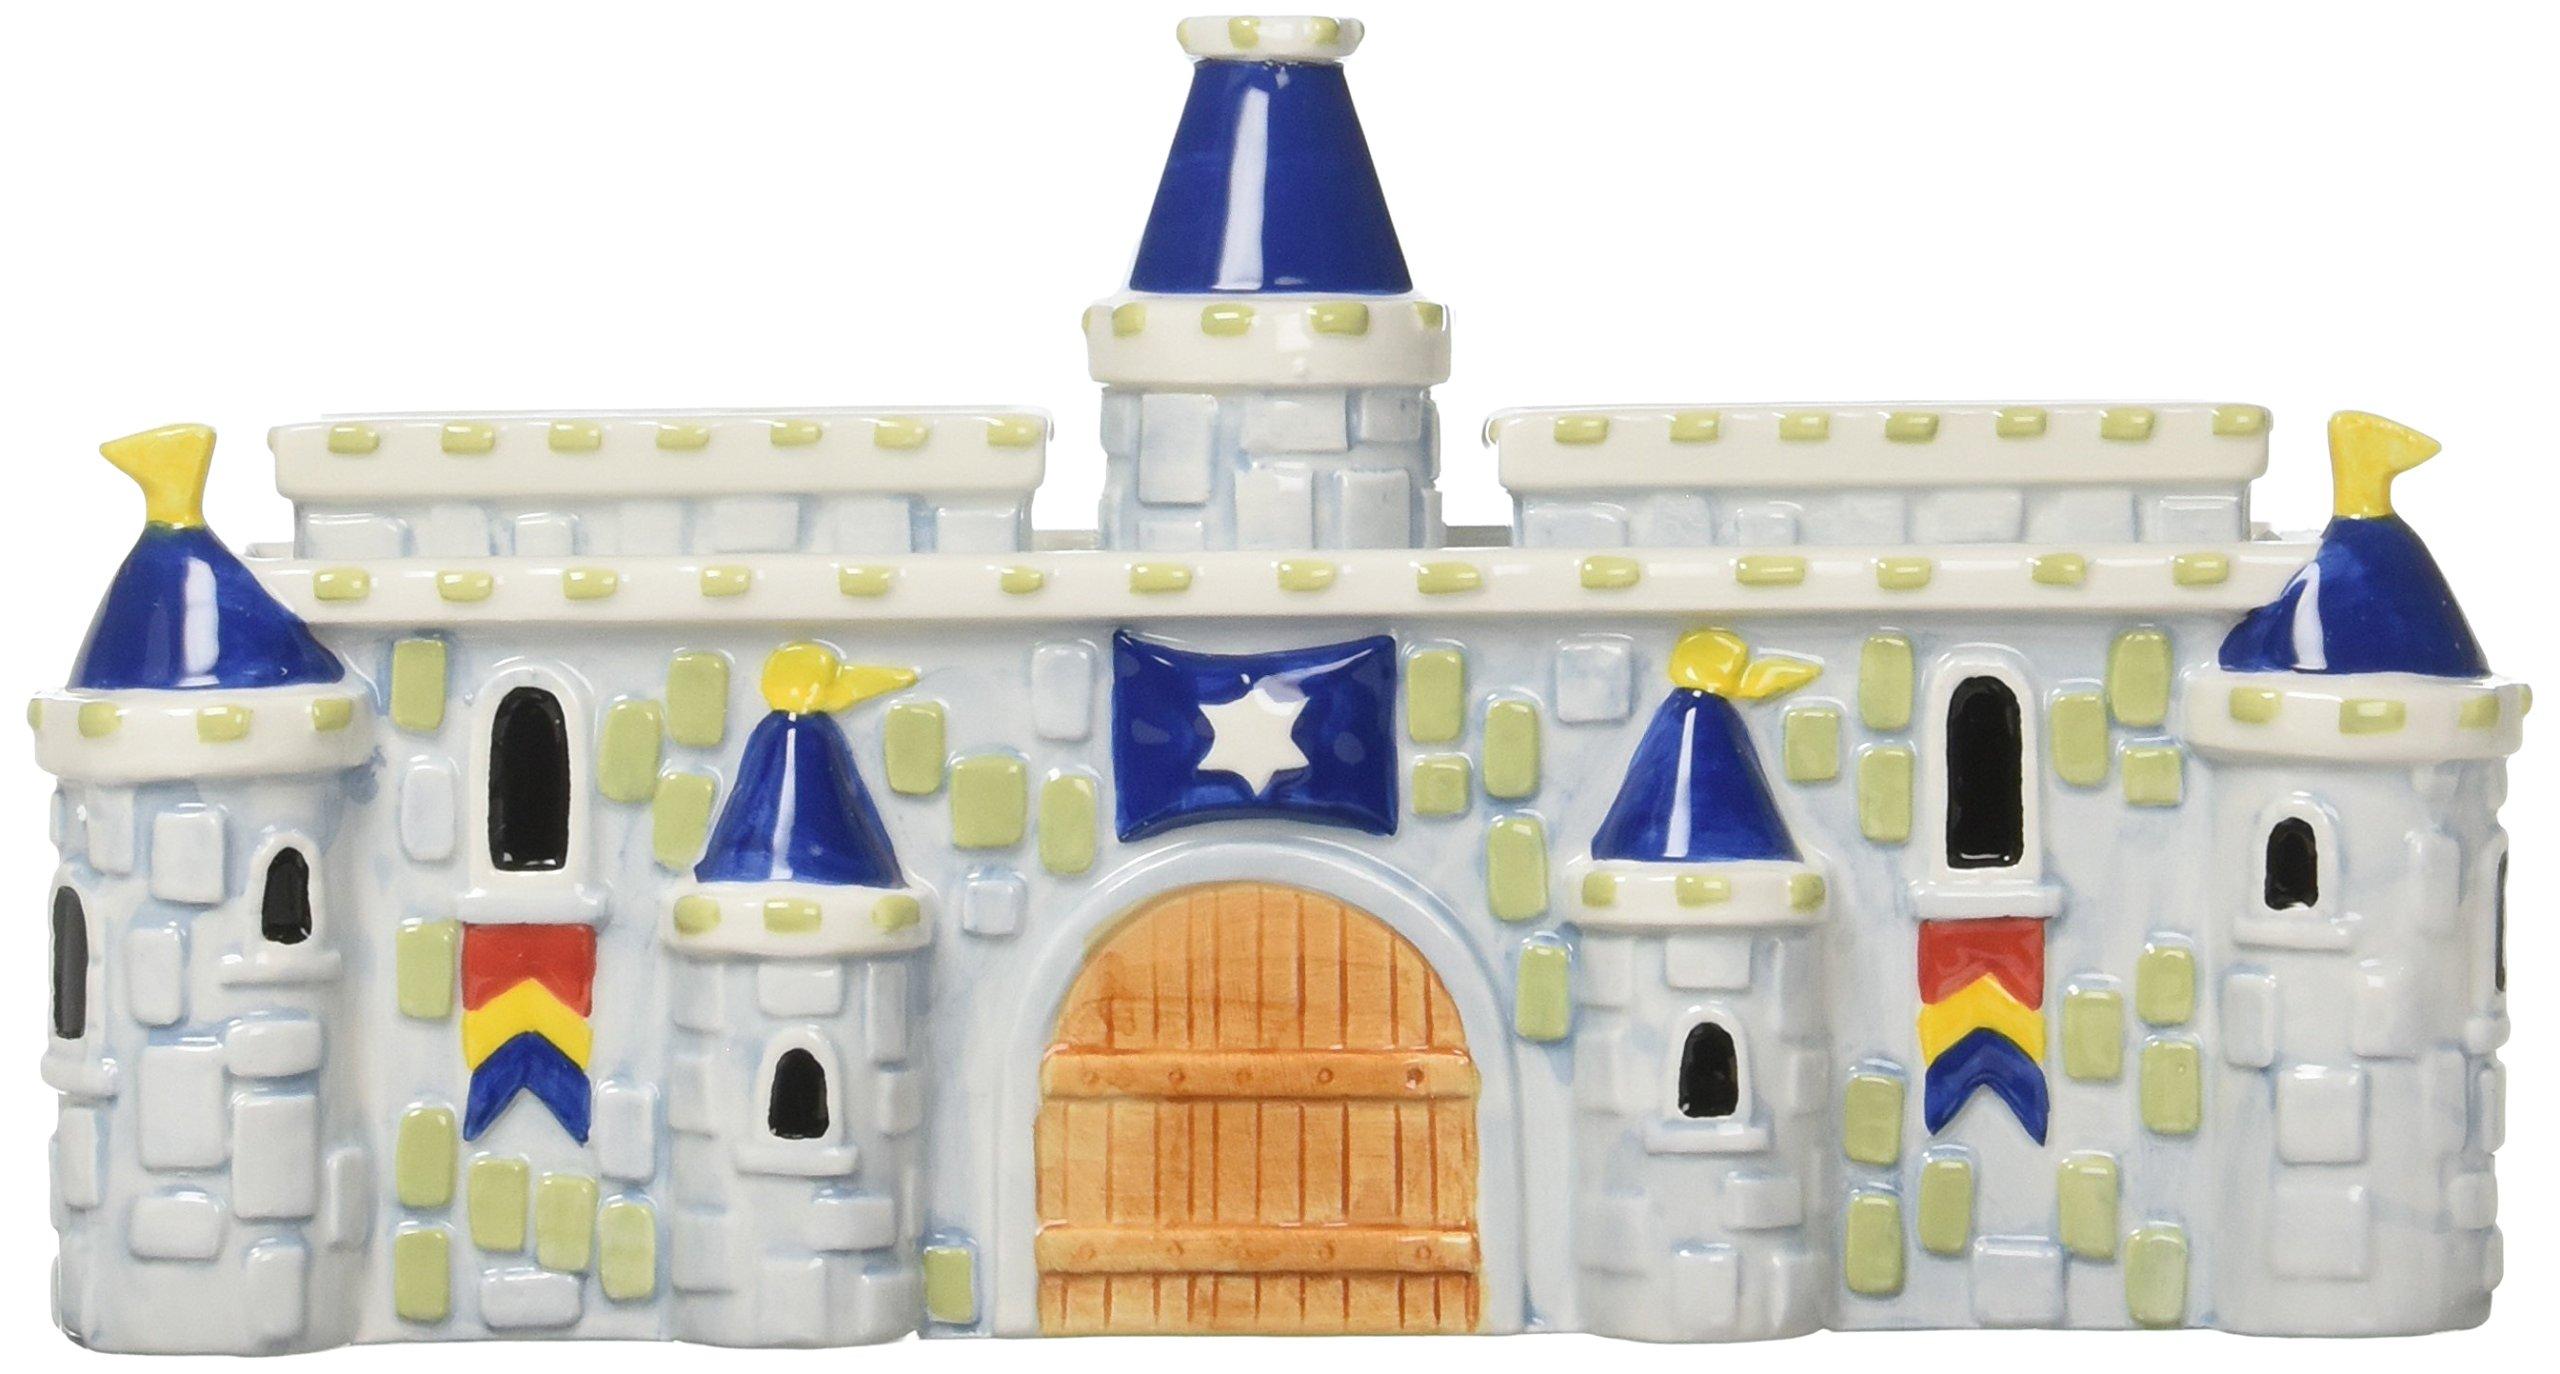 Gift Mark Themed Menorah, Castle